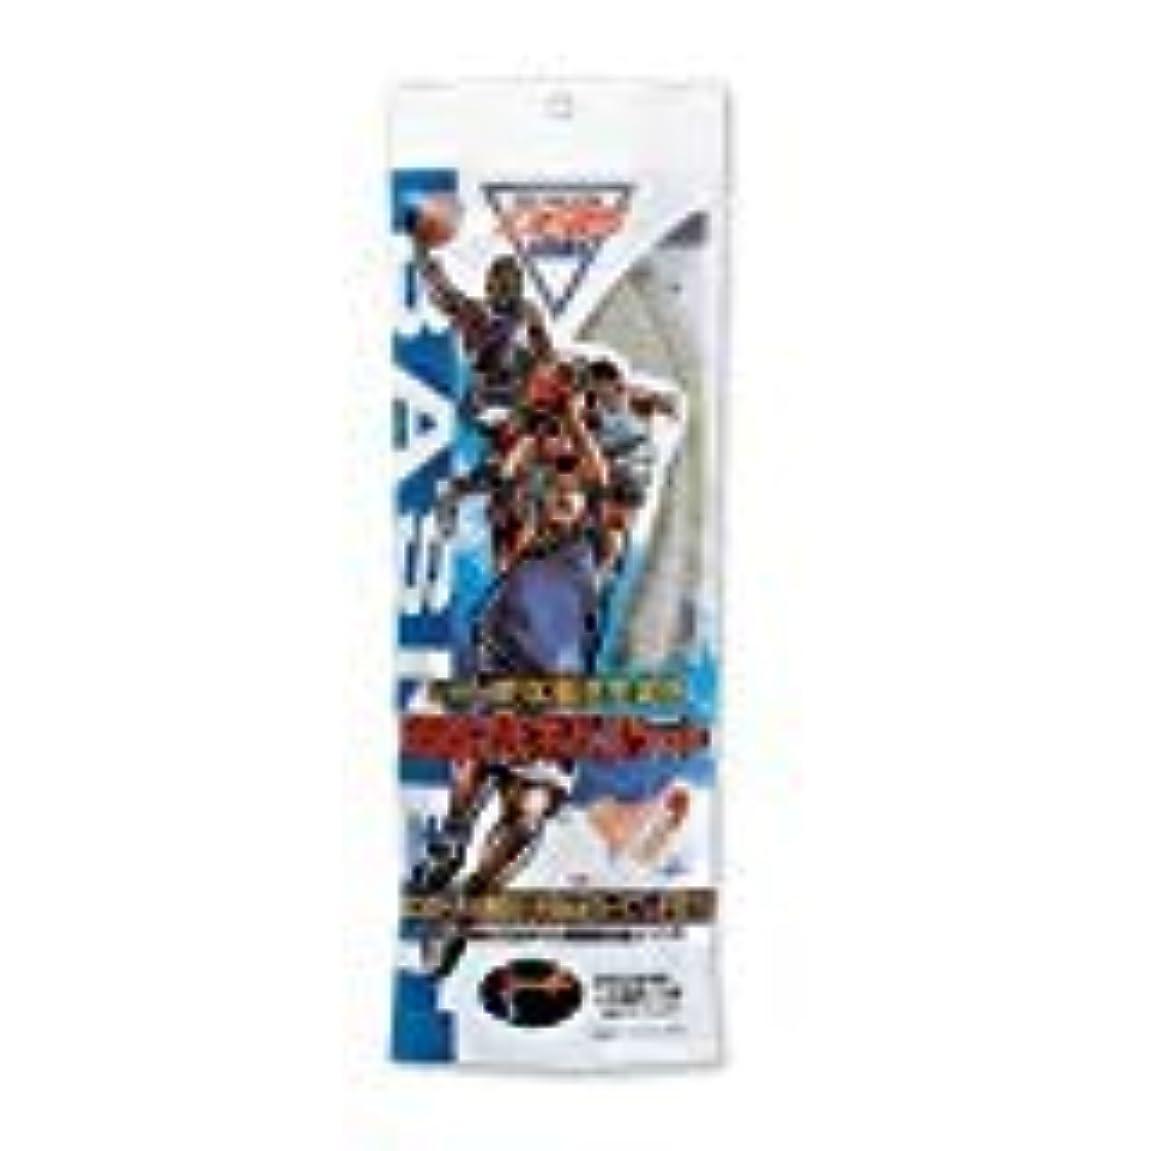 帝国プロフェッショナルエゴイズムDSIS ソルボ バスケット (【2L】28-29cm) 61401